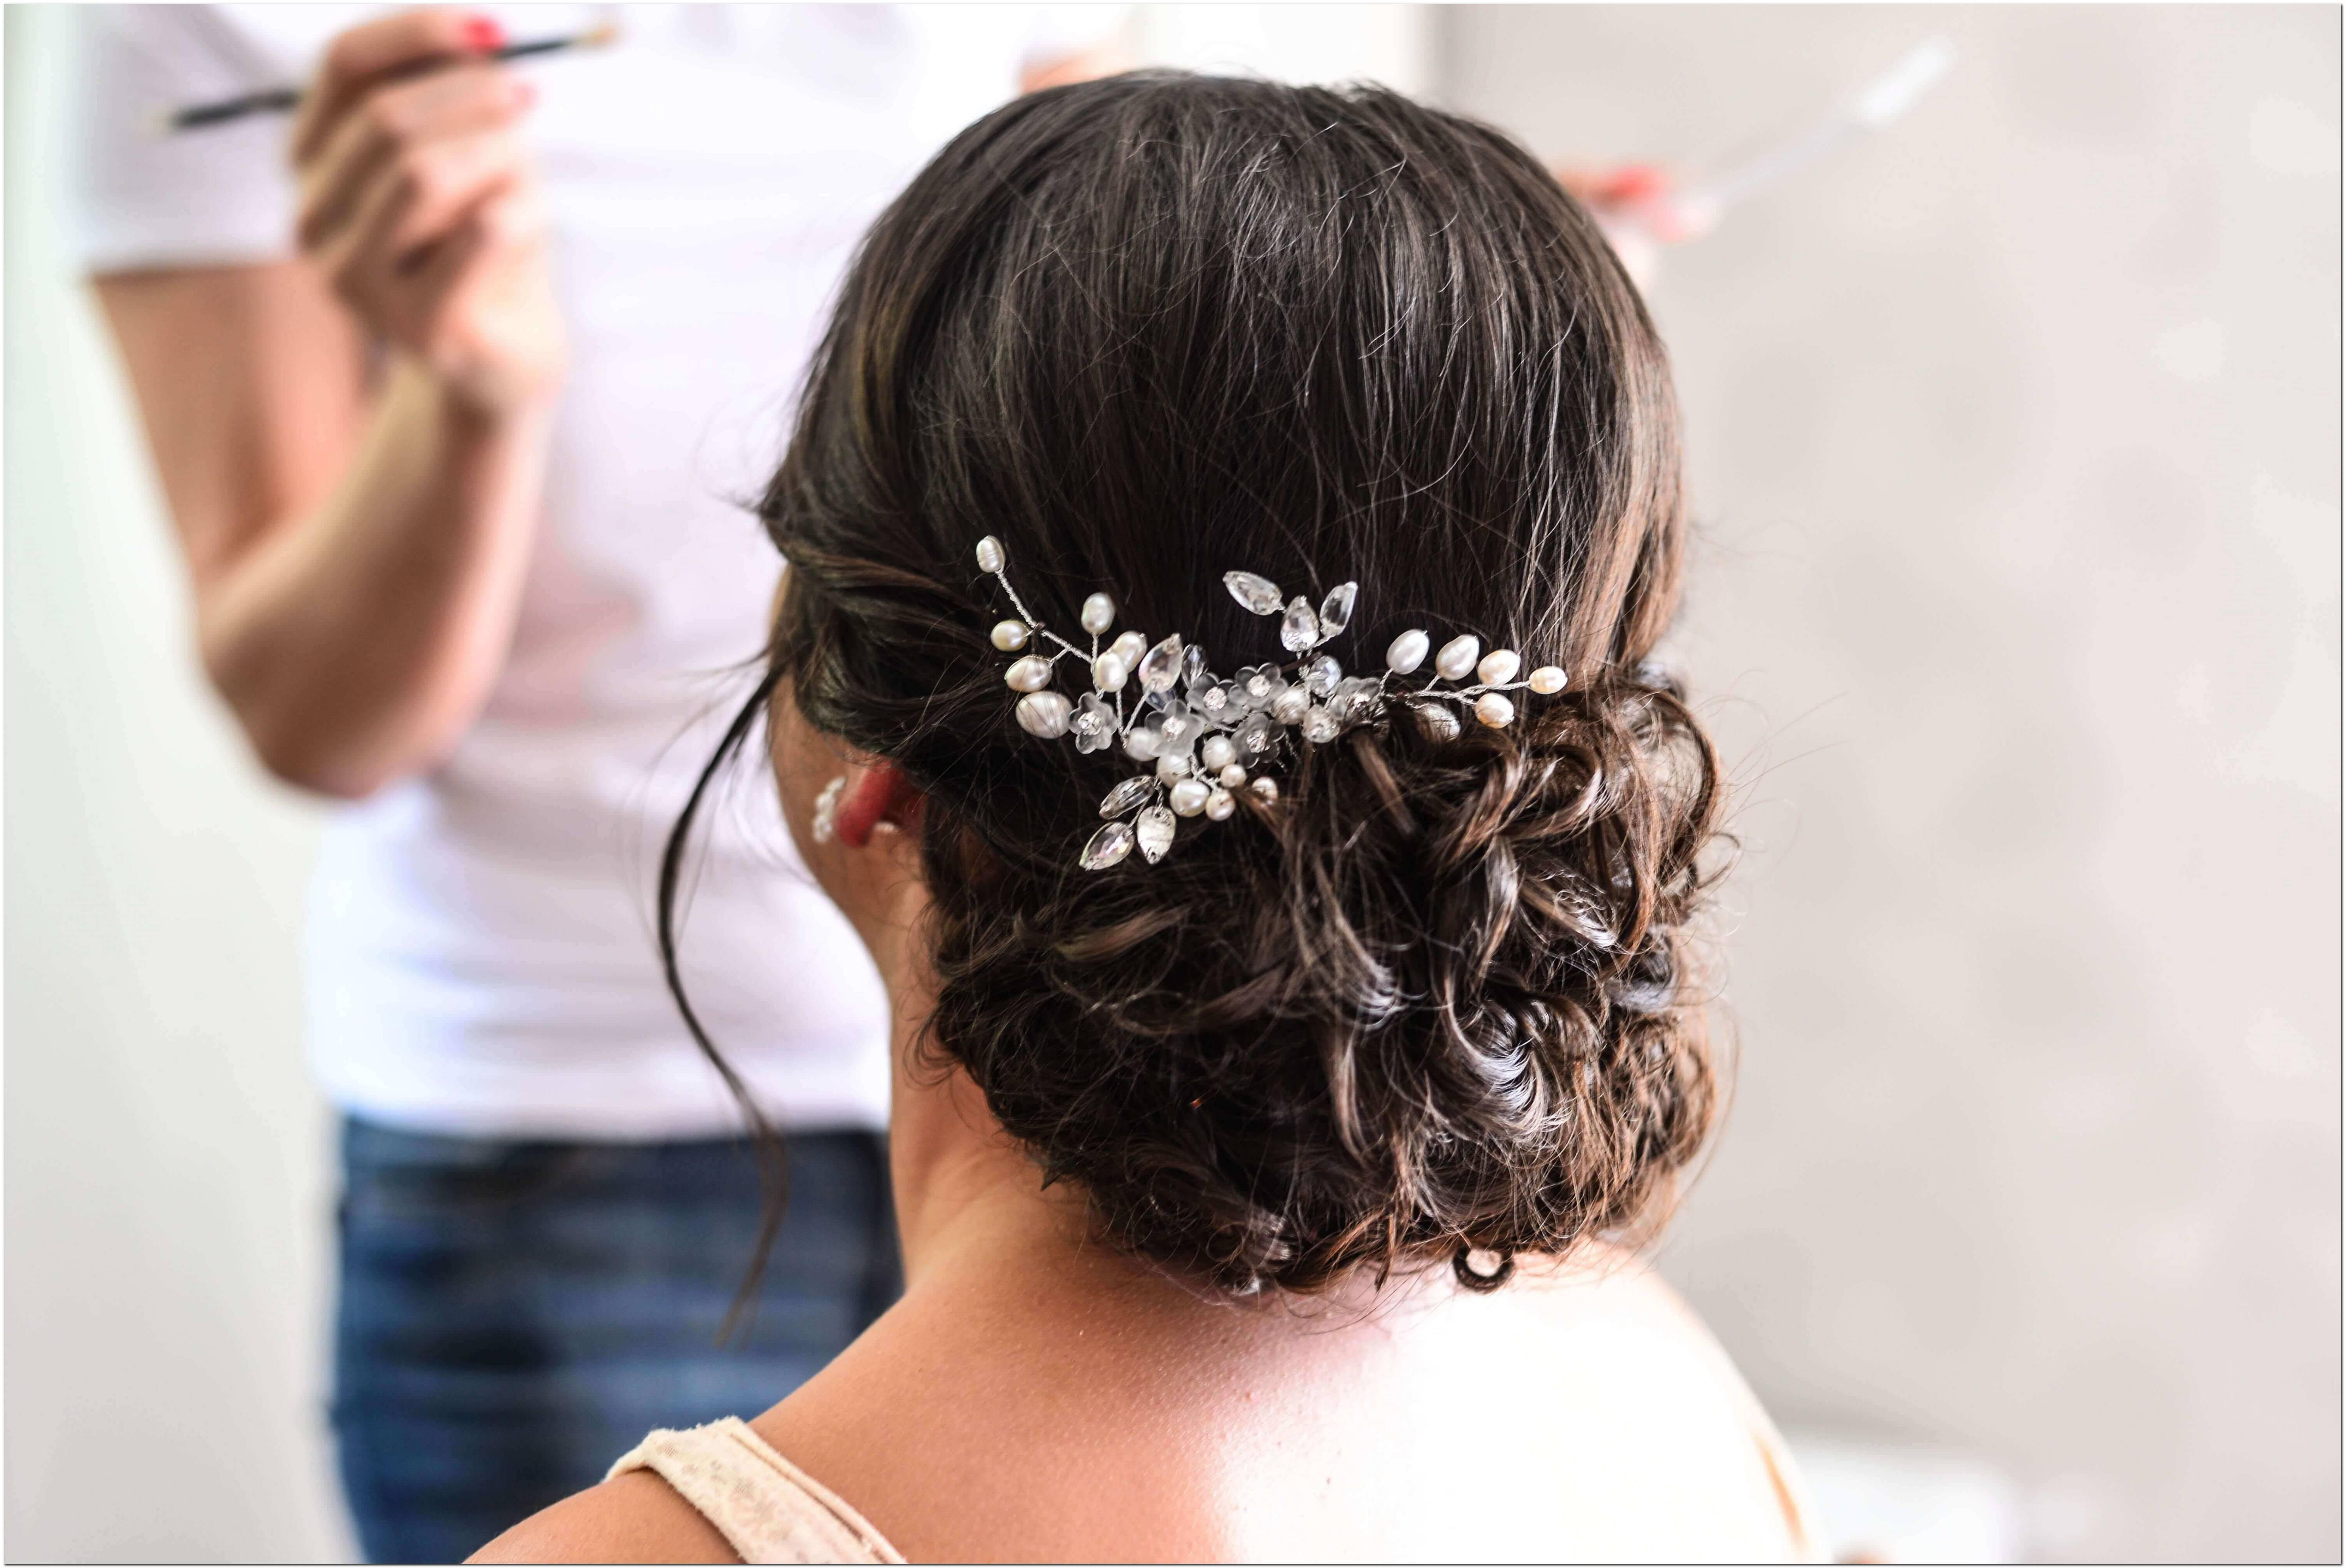 Frisuren FüR Die Hochzeit